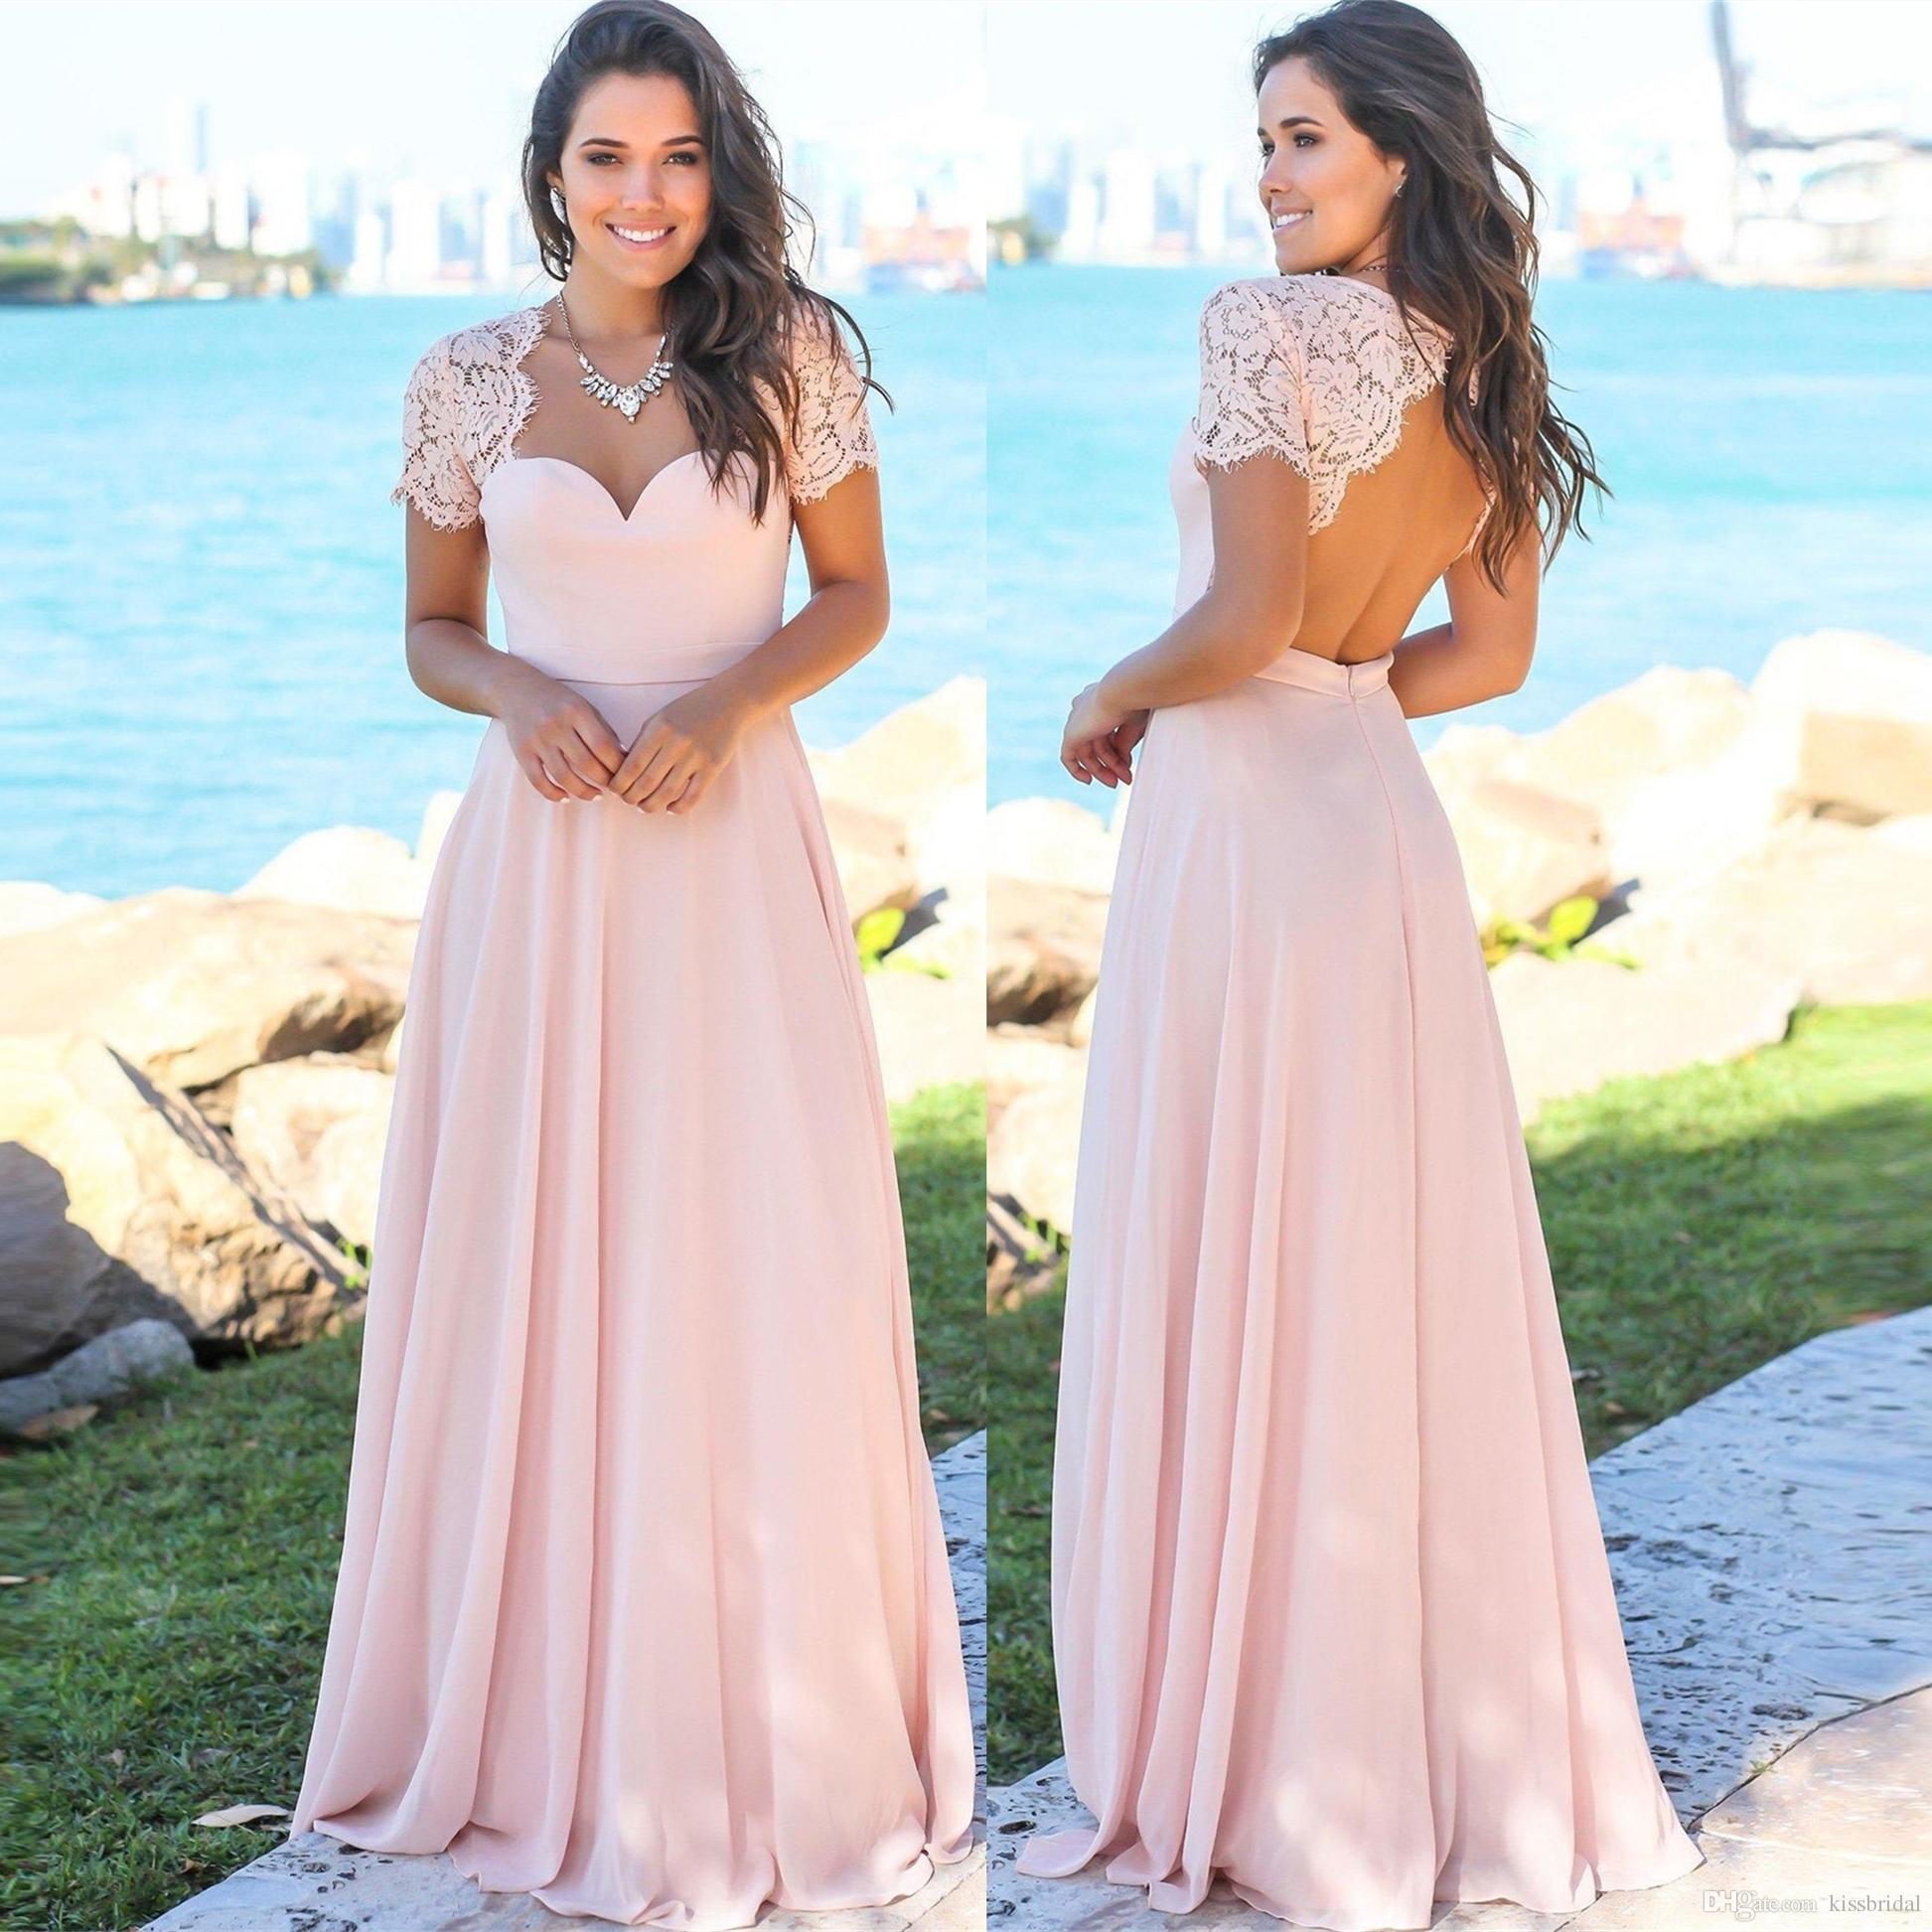 Großhandel Kurzarm Brautjungfer Kleider Günstige 2019 Spalte Backless  Spitze Chiffon Lange Rosa Formale Kleider Hochzeit Gast Prom Ball Party  Kleid